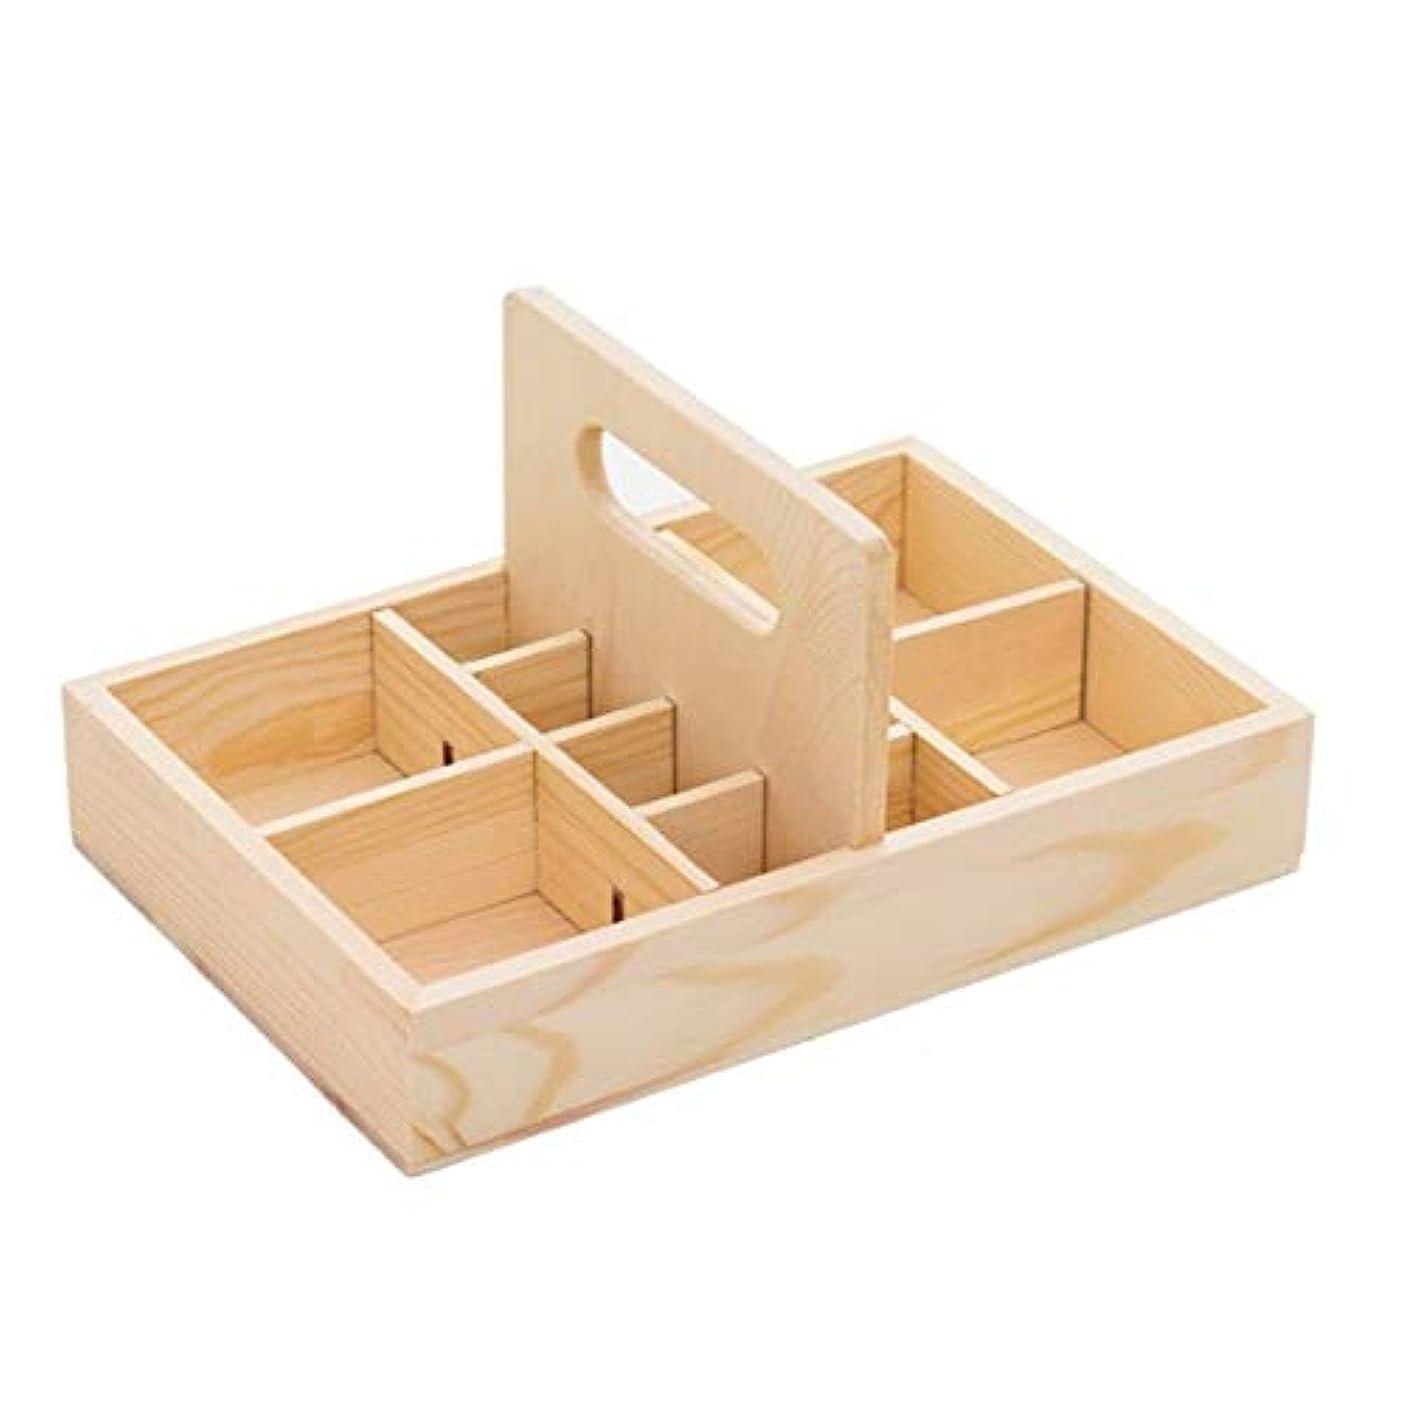 組み合わせるゴミ箱平方エッセンシャルオイルストレージボックス キャリー付きエッセンシャルオイルストレージボックスオーガナイザーは木製油ケースホルダー収納ボックスを処理します 旅行およびプレゼンテーション用 (色 : Natural, サイズ...